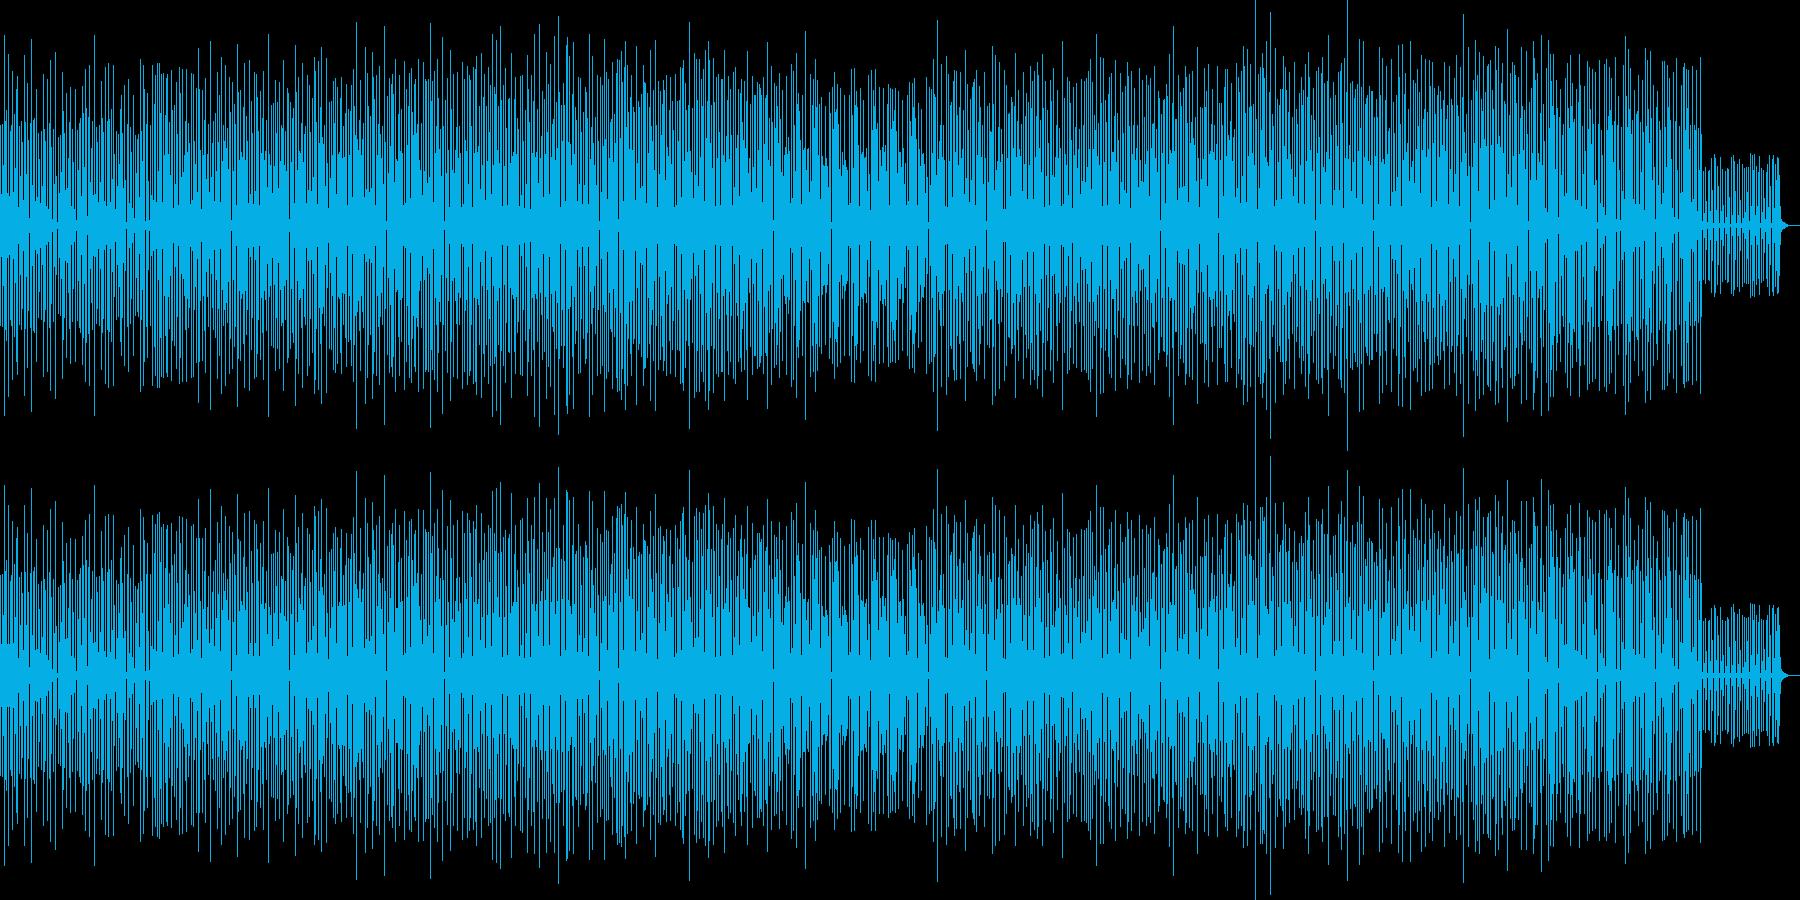 ピコピコ音が楽しいリズミカルなBGMの再生済みの波形